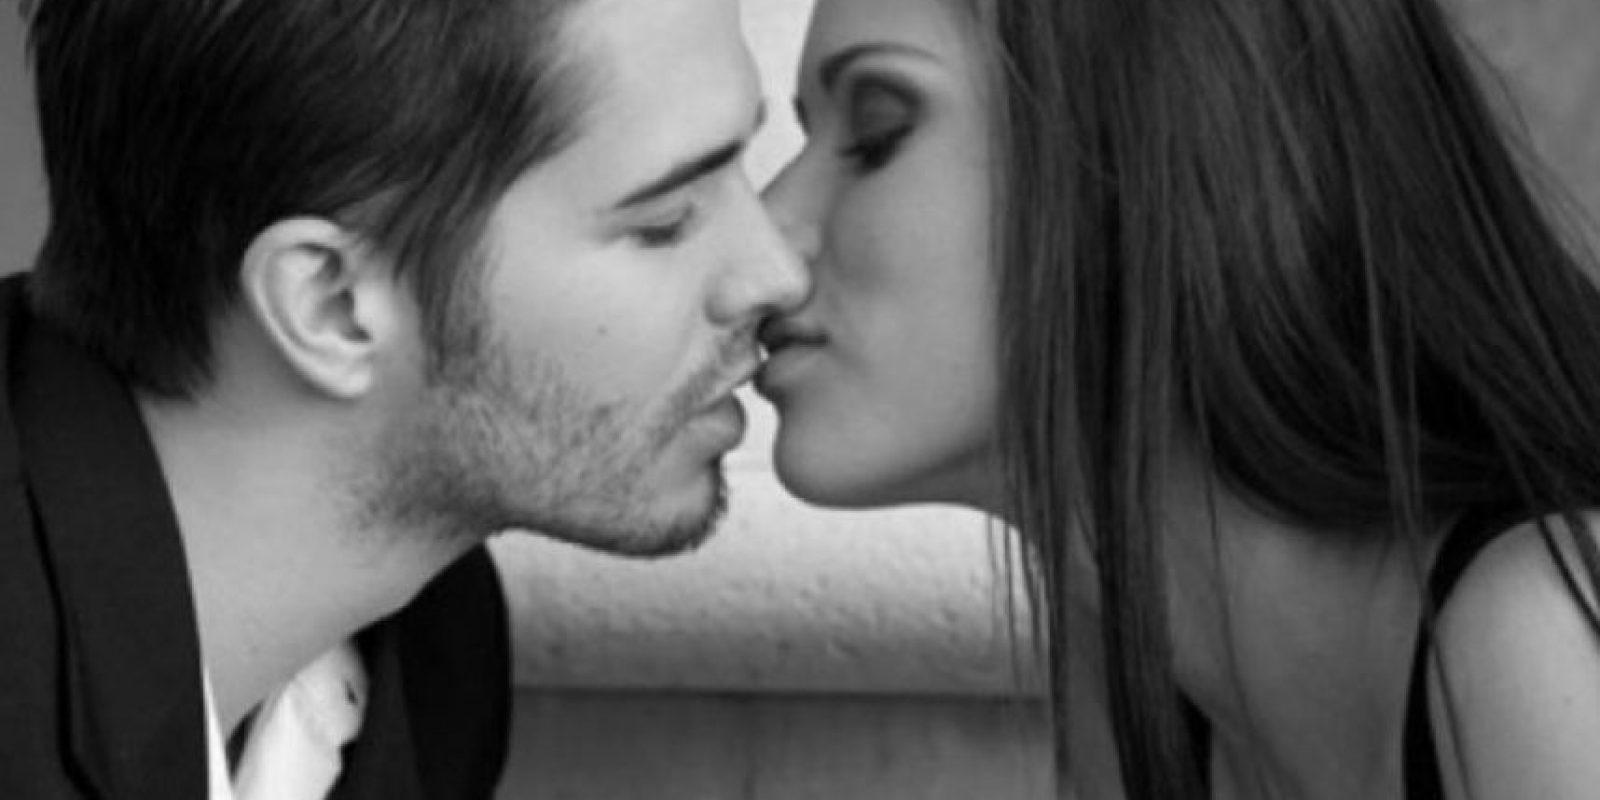 Son coquetas. Cuando una persona le atrae a la mujer seductora, dará claves muy explícitas para hacer saber que está interesada y que desea algo más que miradas cruzadas. Foto:Pinterest